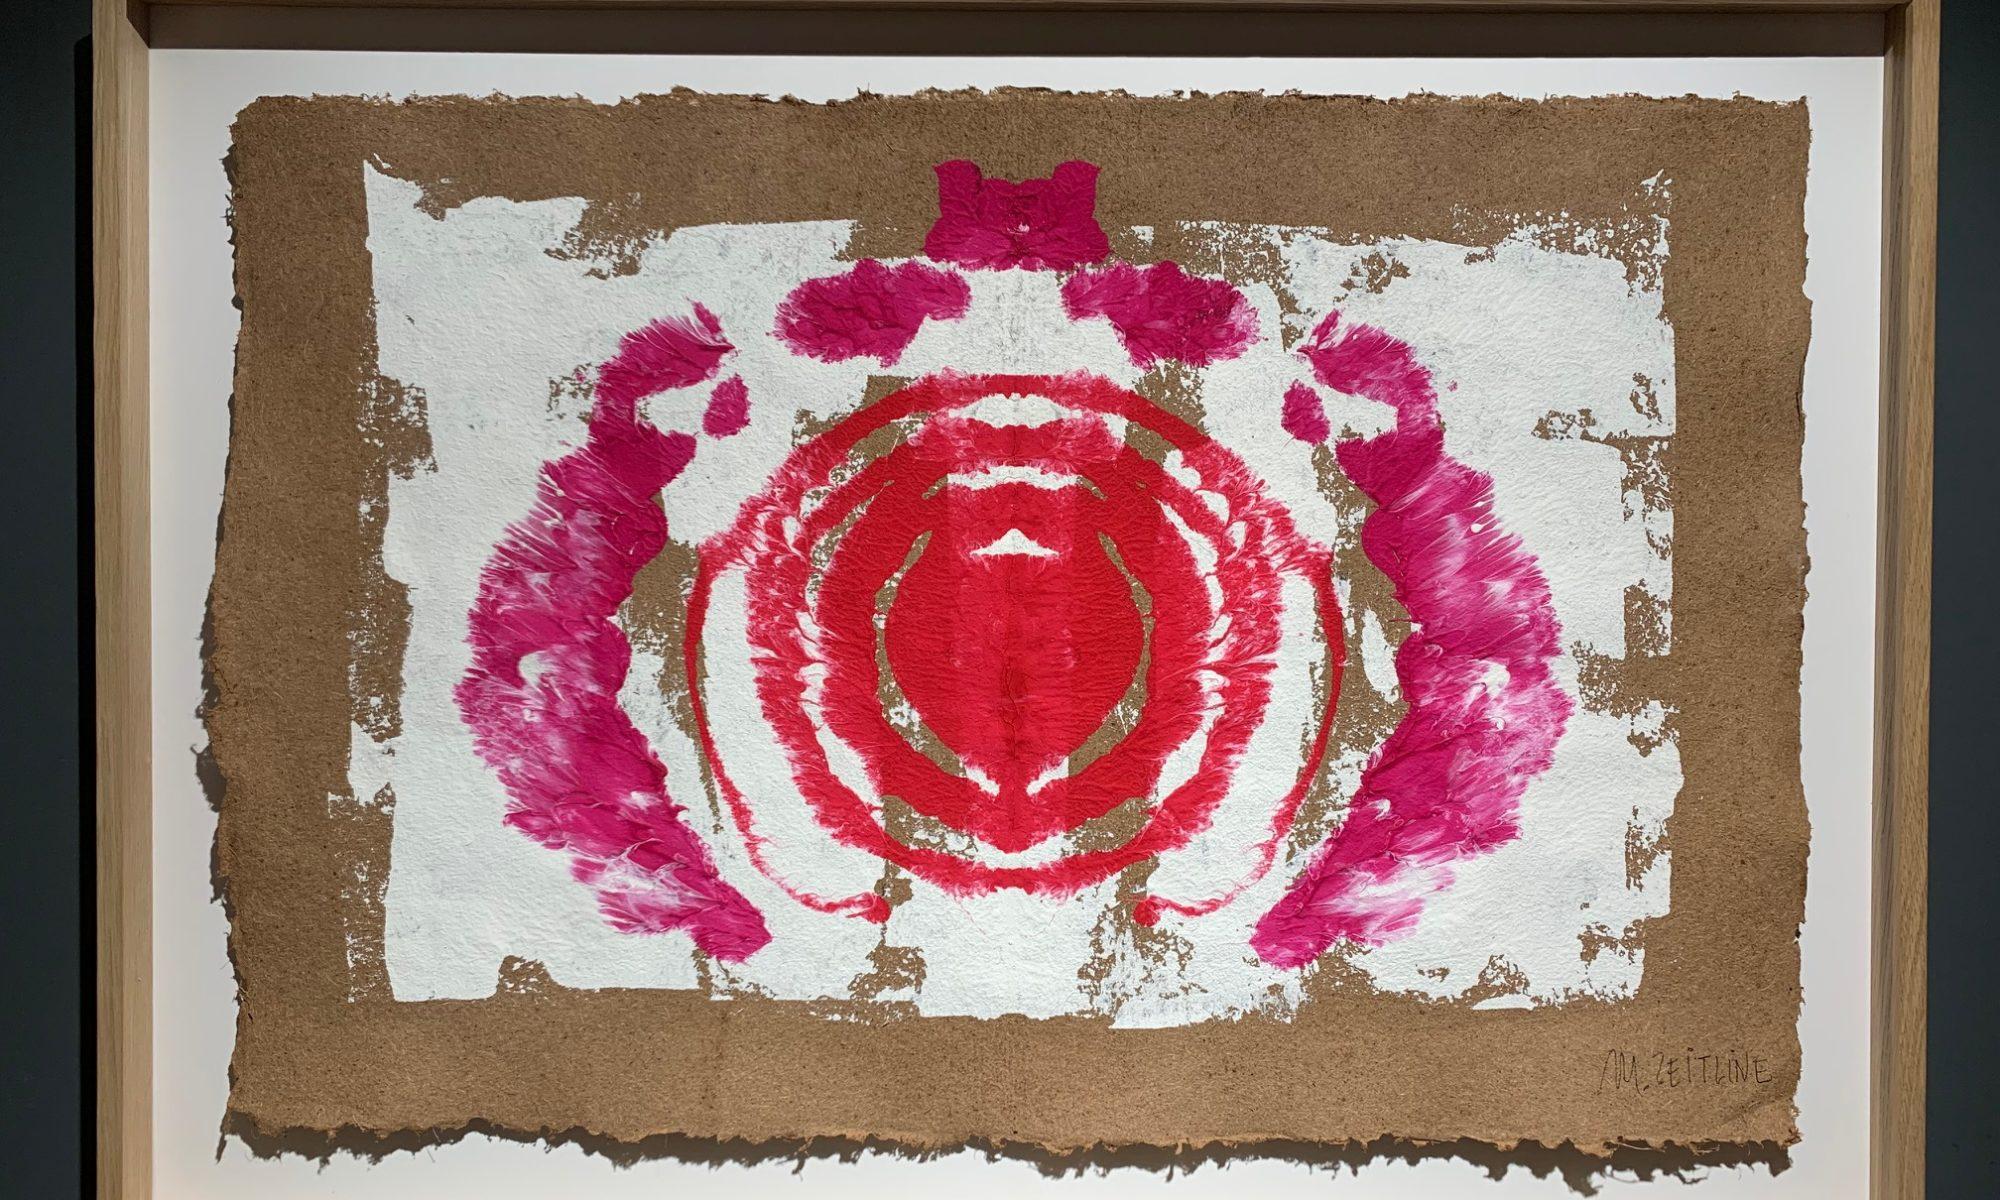 La vie en rose - gouache sur papier fait main  - 100 x 72 cmMESGMZM11